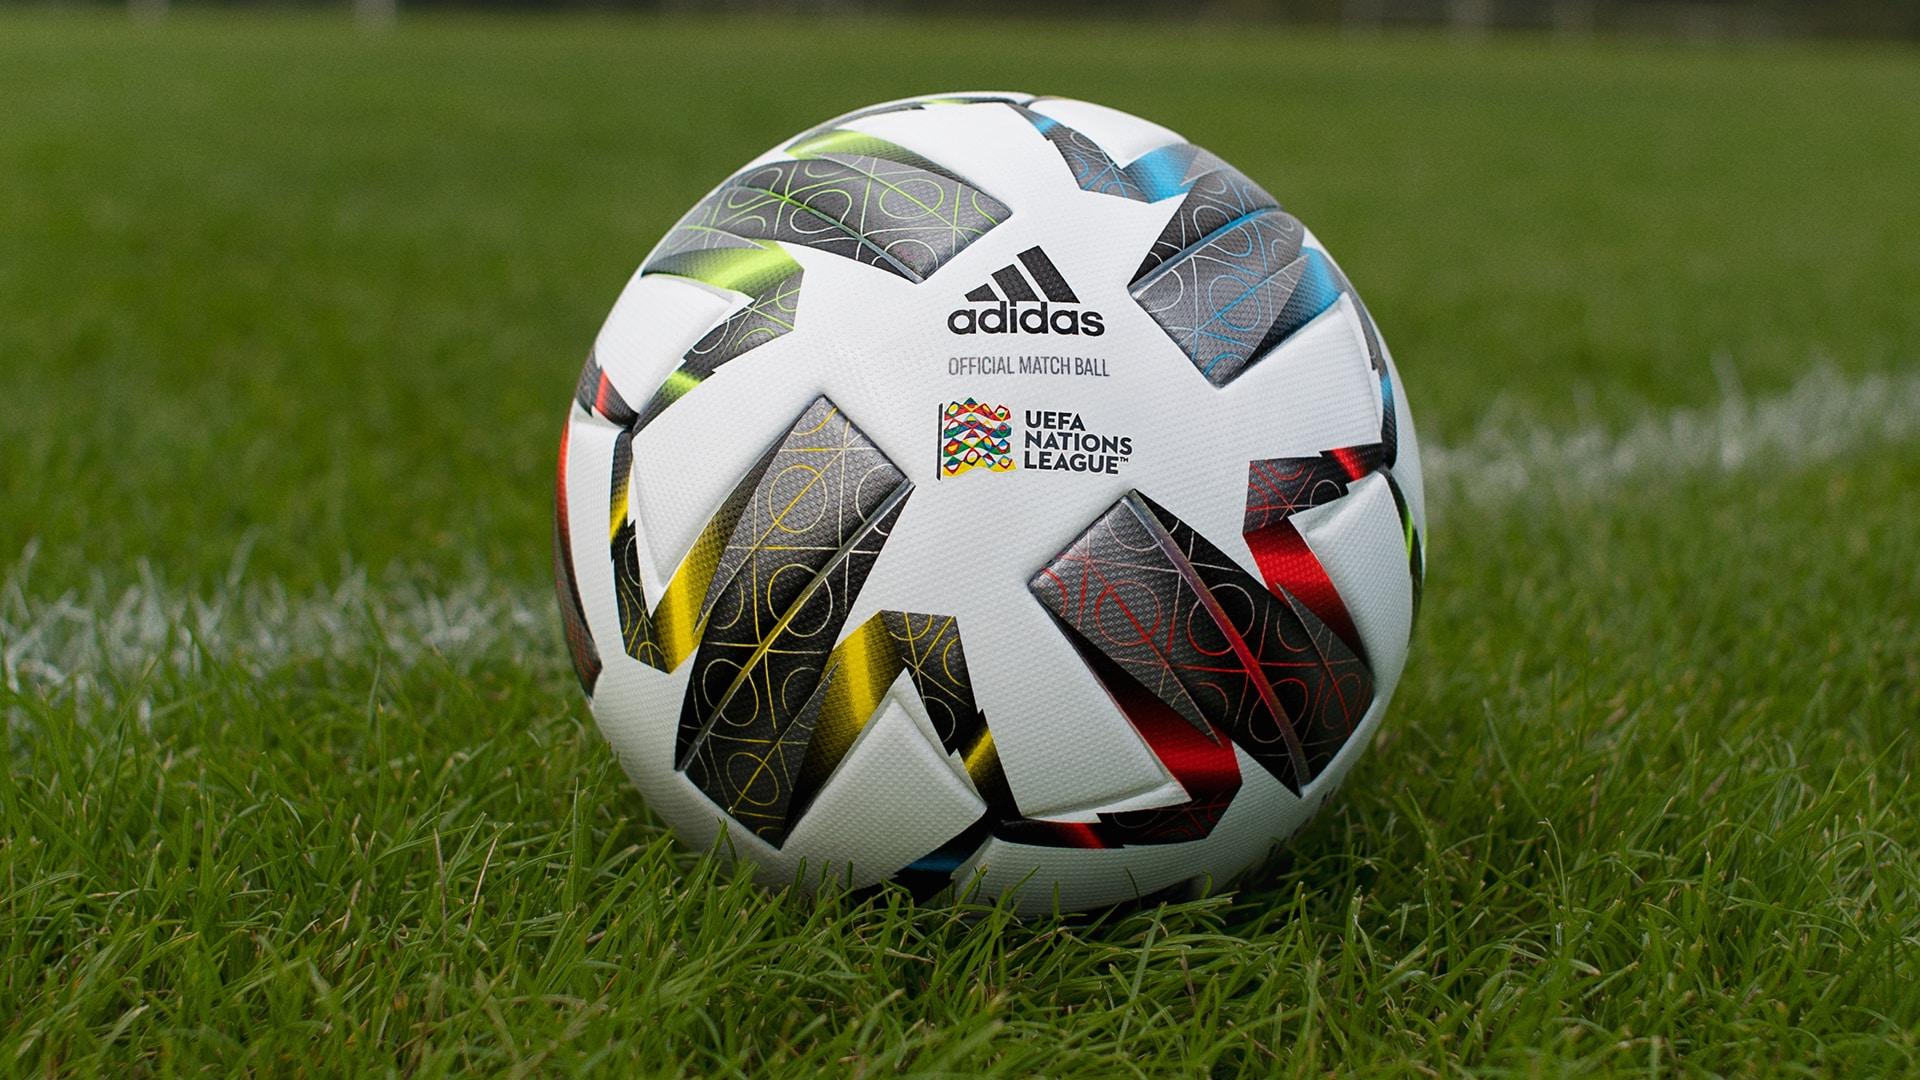 Mais cette attribution, fin 2010, est débattue dans le. adidas présente le nouveau ballon de la Ligue des Nations ...